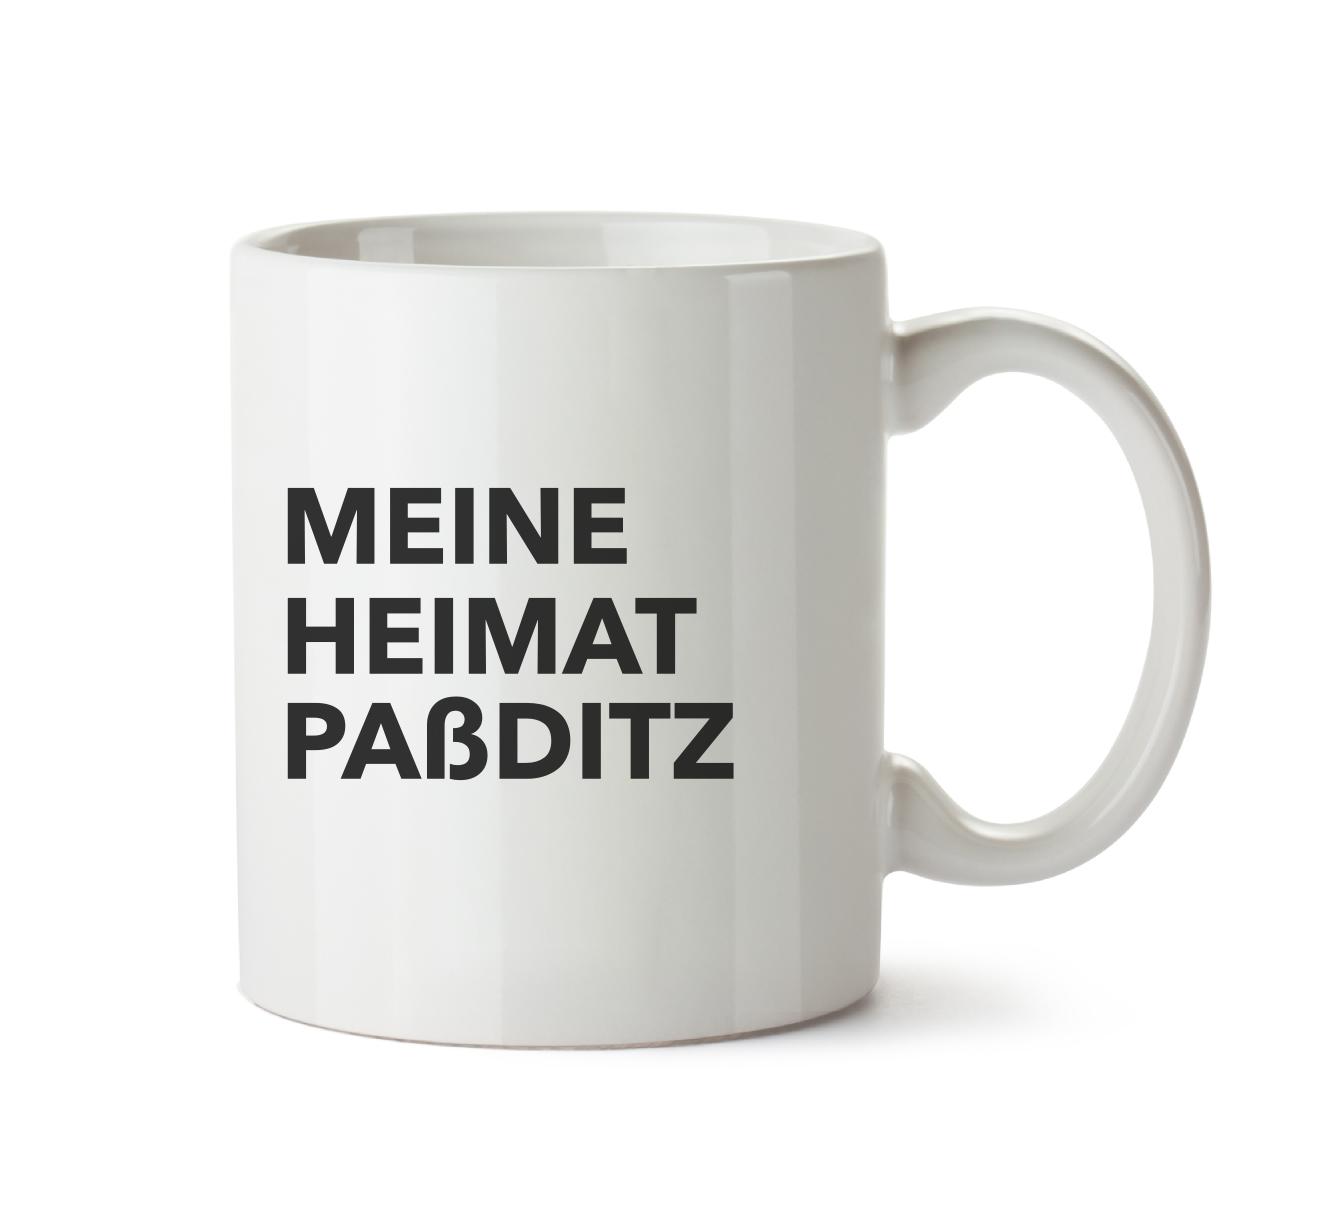 Tasse Text aus Keramik  Weiß - Das Original von Mr. & Mrs. Panda.  Eine wunderschöne spülmaschinenfeste Keramiktasse (bis zu 2000 Waschgänge!!!) aus dem Hause Mr. & Mrs. Panda, liebevoll verziert mit handentworfenen Sprüchen, Motiven und Zeichnungen. Unsere Tassen sind immer ein besonders liebevolles und einzigartiges Geschenk. Jede Tasse wird von Mrs. Panda entworfen und in liebevoller Arbeit in unserer Manufaktur in Norddeutschland gefertigt.     Über unser Motiv Text…